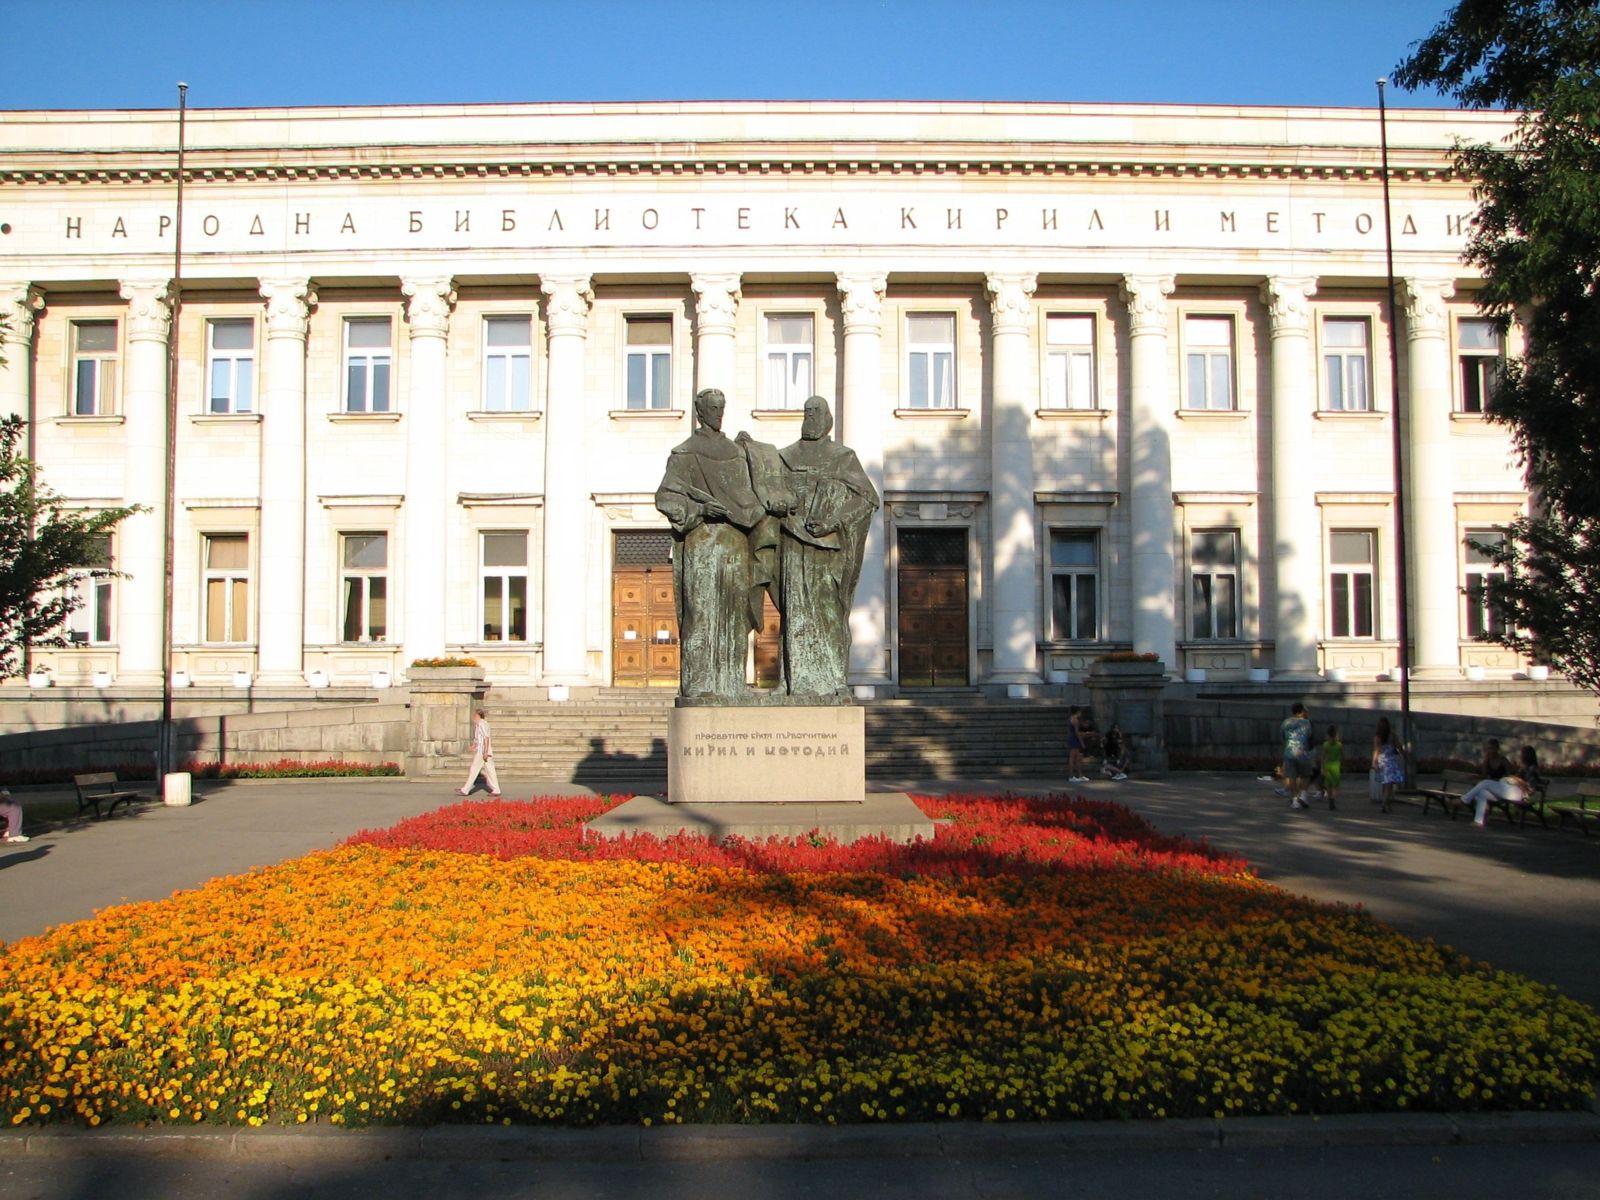 nacionalna biblioteka Sv. Sv. Kiril i Metodii